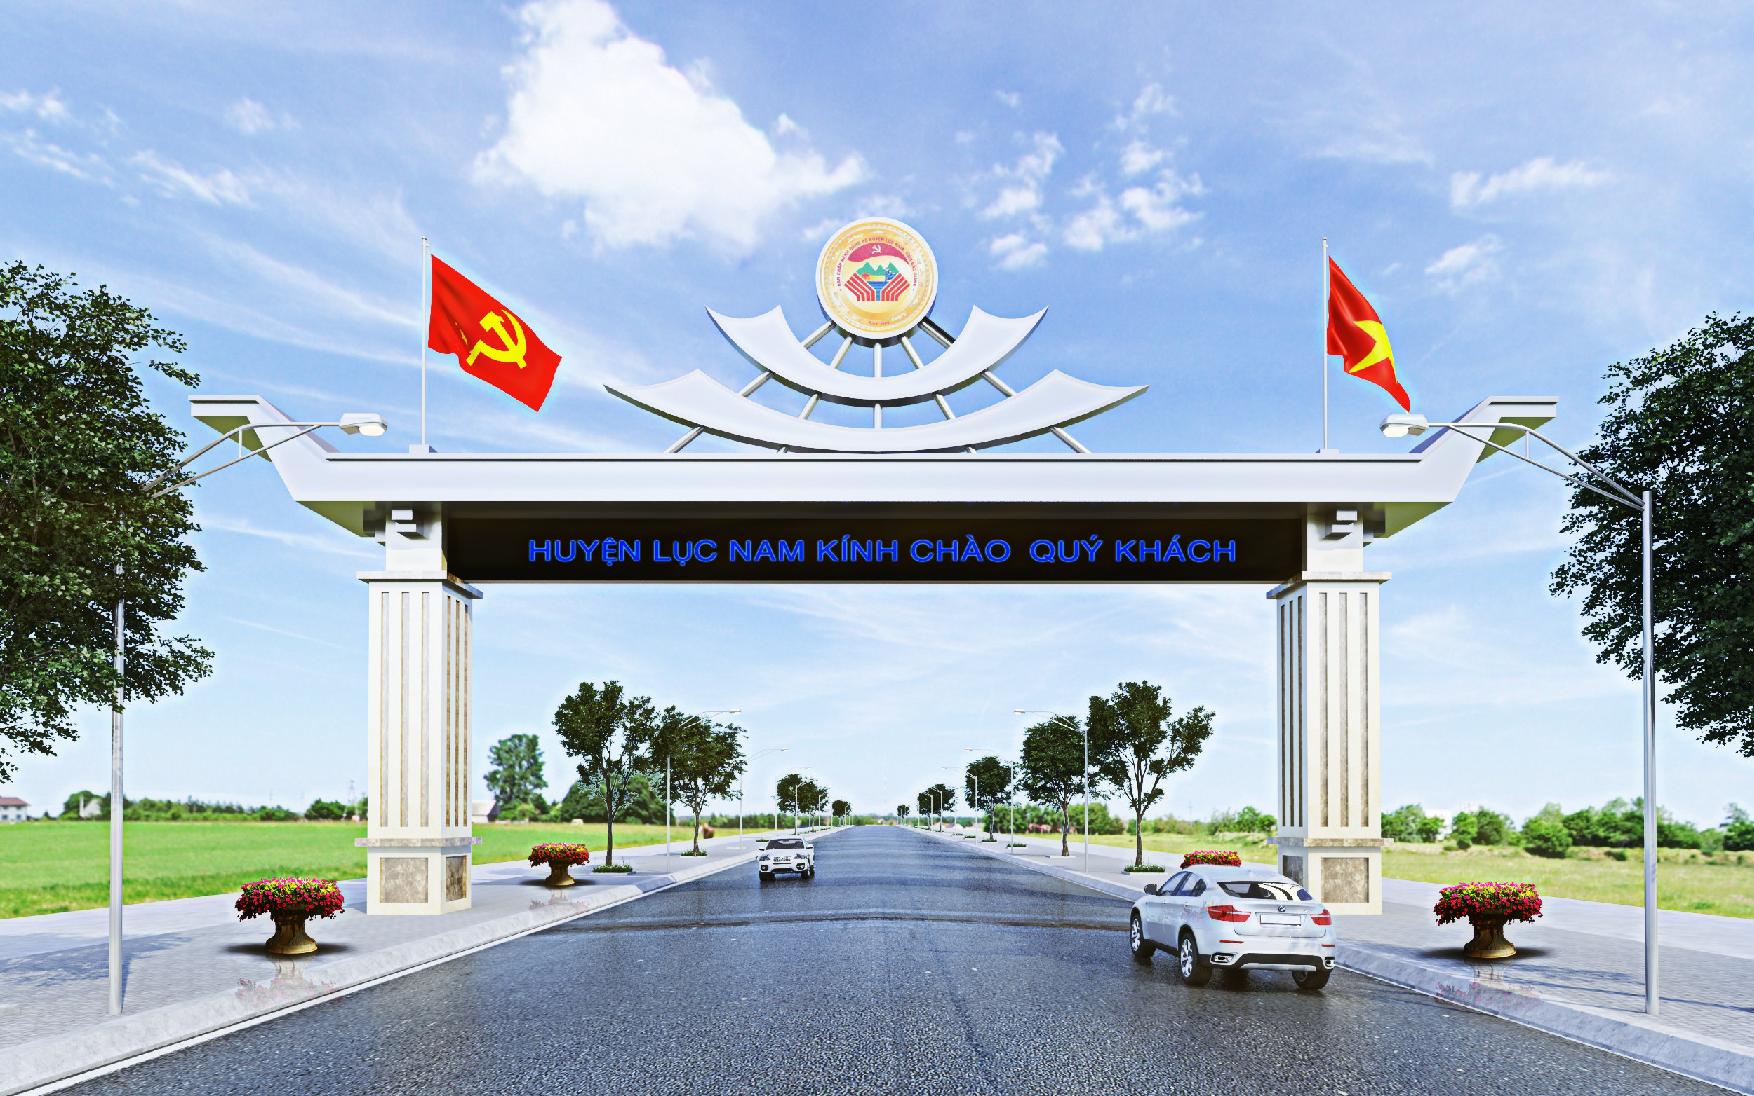 Thiết kế BVTC Cổng trào H. Lục Nam - Bắc Giang